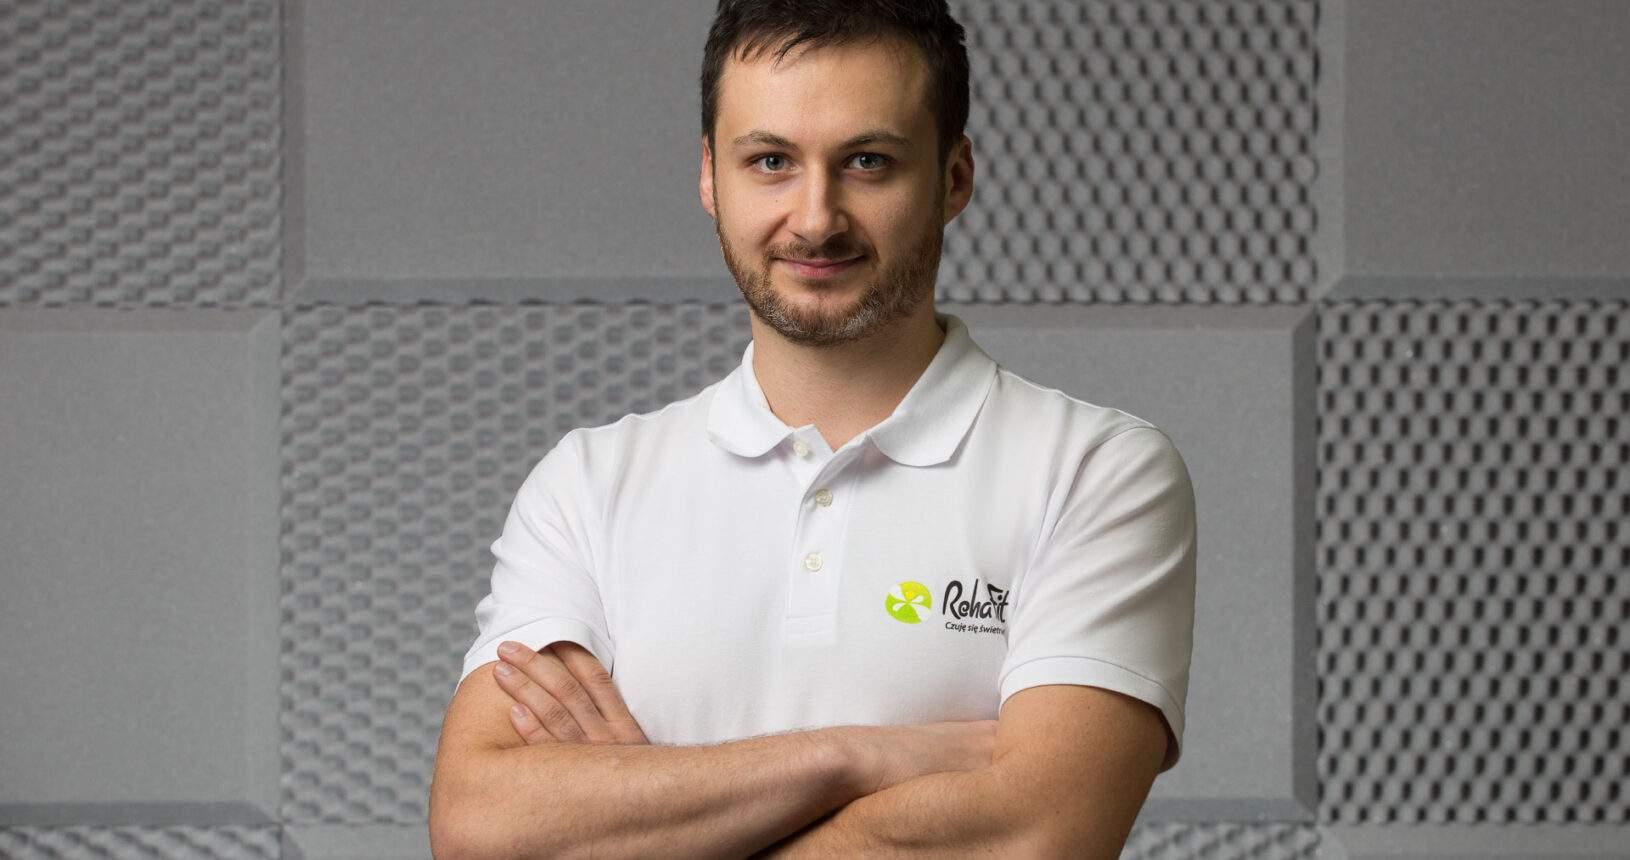 Doktor nauk o zdrowiu, fizjoterapeuta Kuba Ptaszkowski zajmujący się rehabilitacją uroginekologiczną w RehaFit we Wrocławiu.